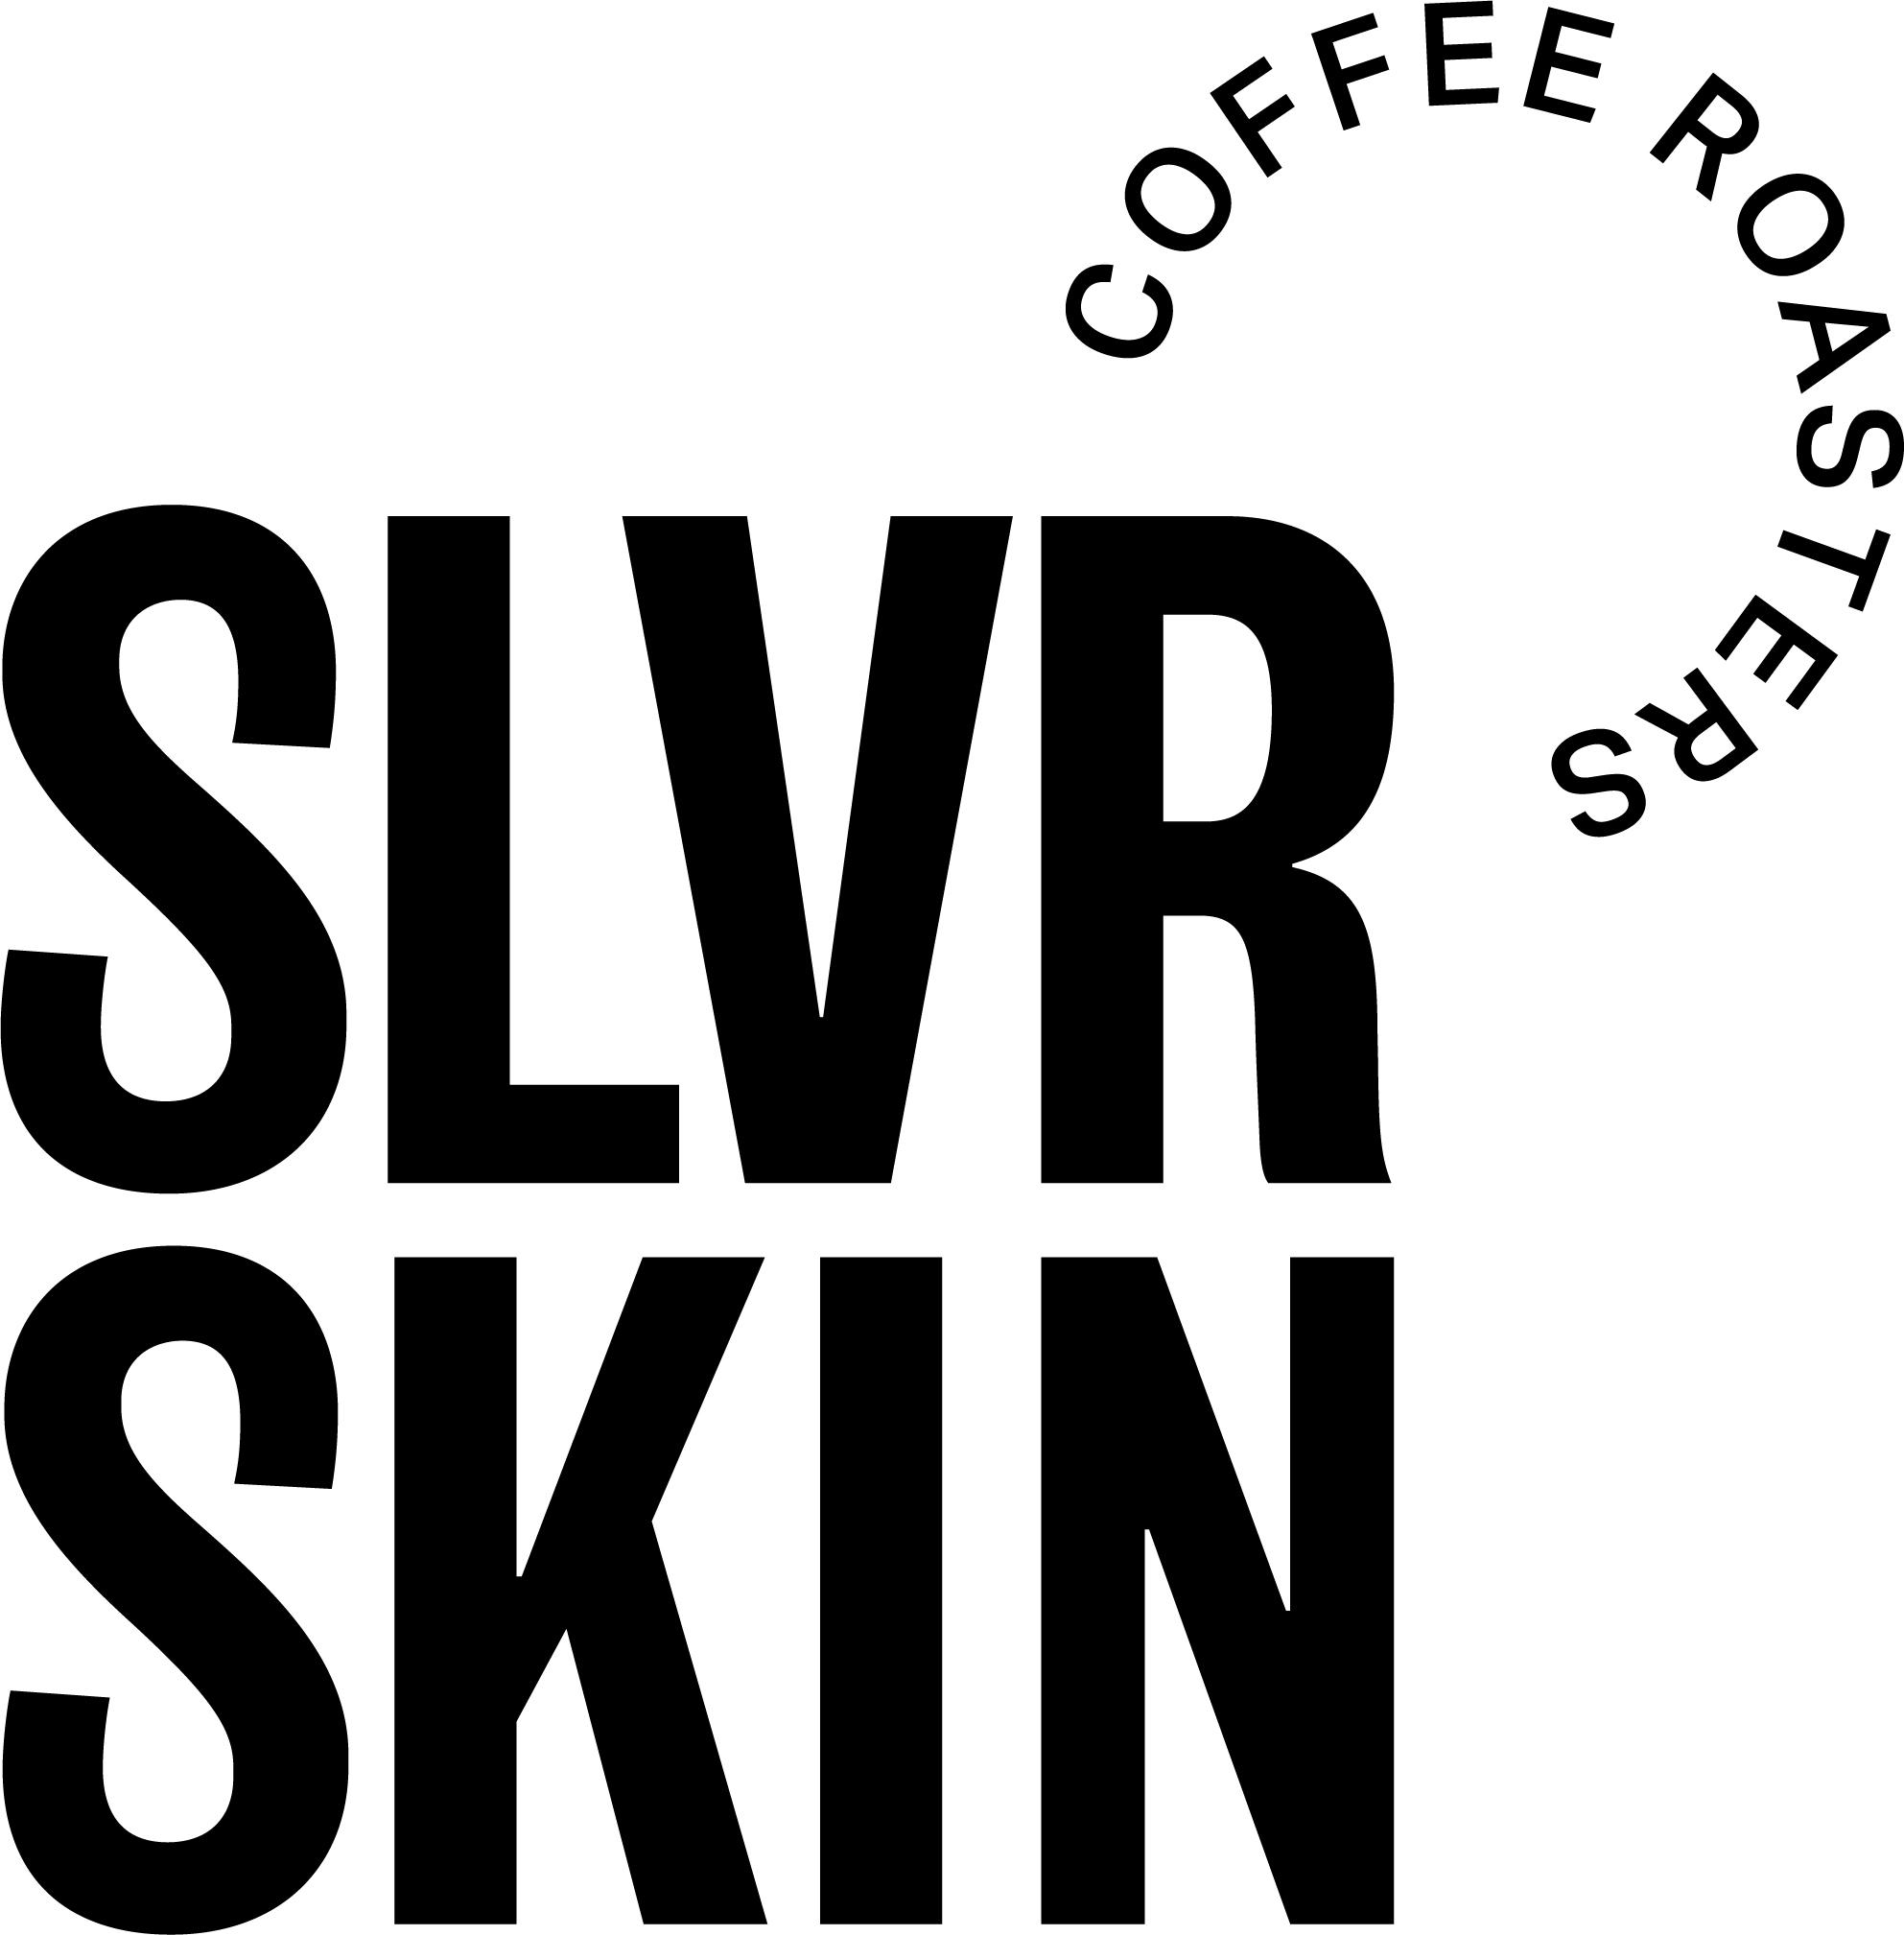 Silverskin Coffee Roasters logo